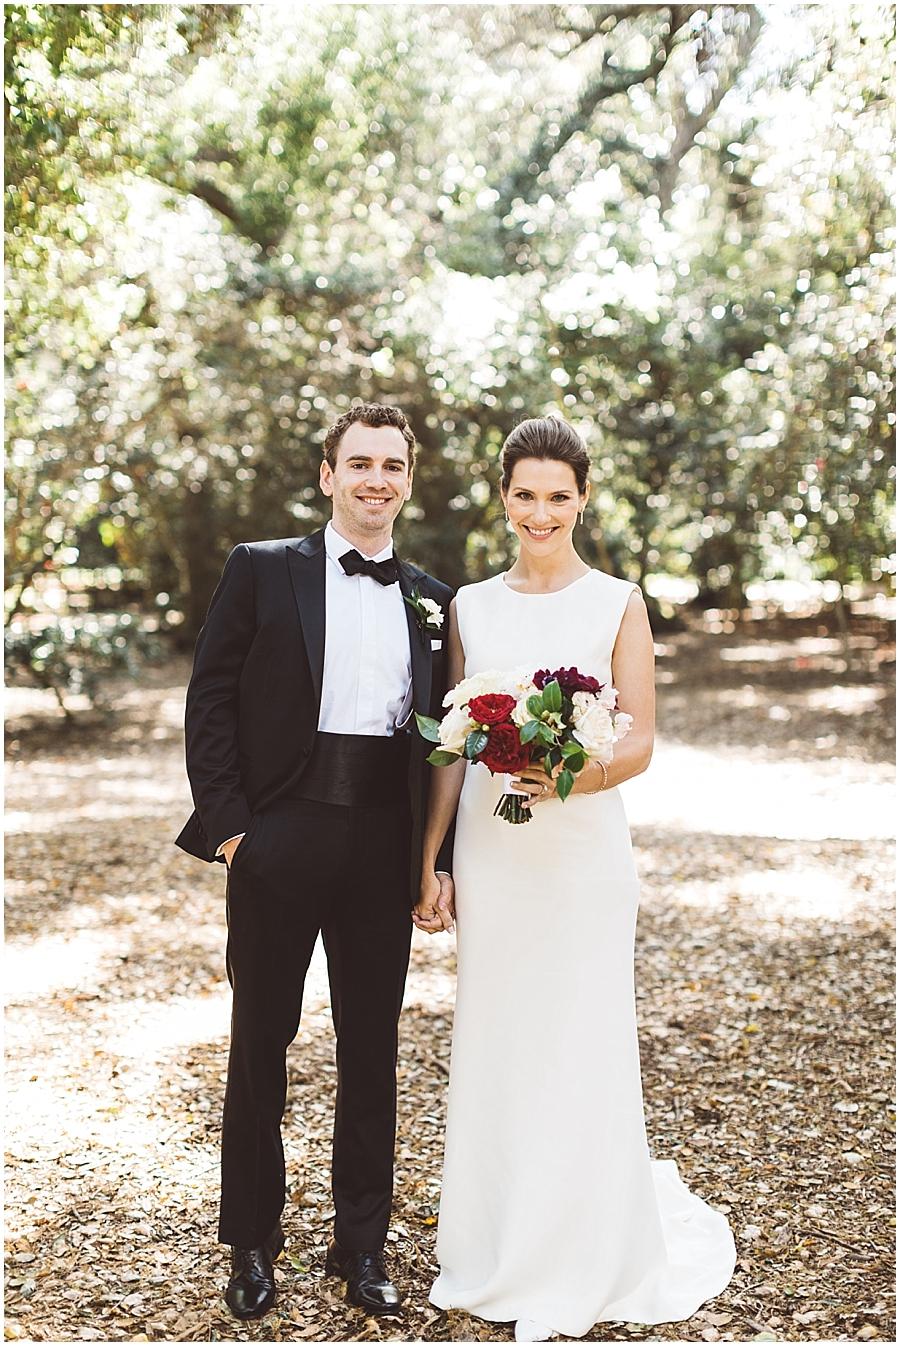 Tom+Kate_stevecowellphoto_0010.jpg